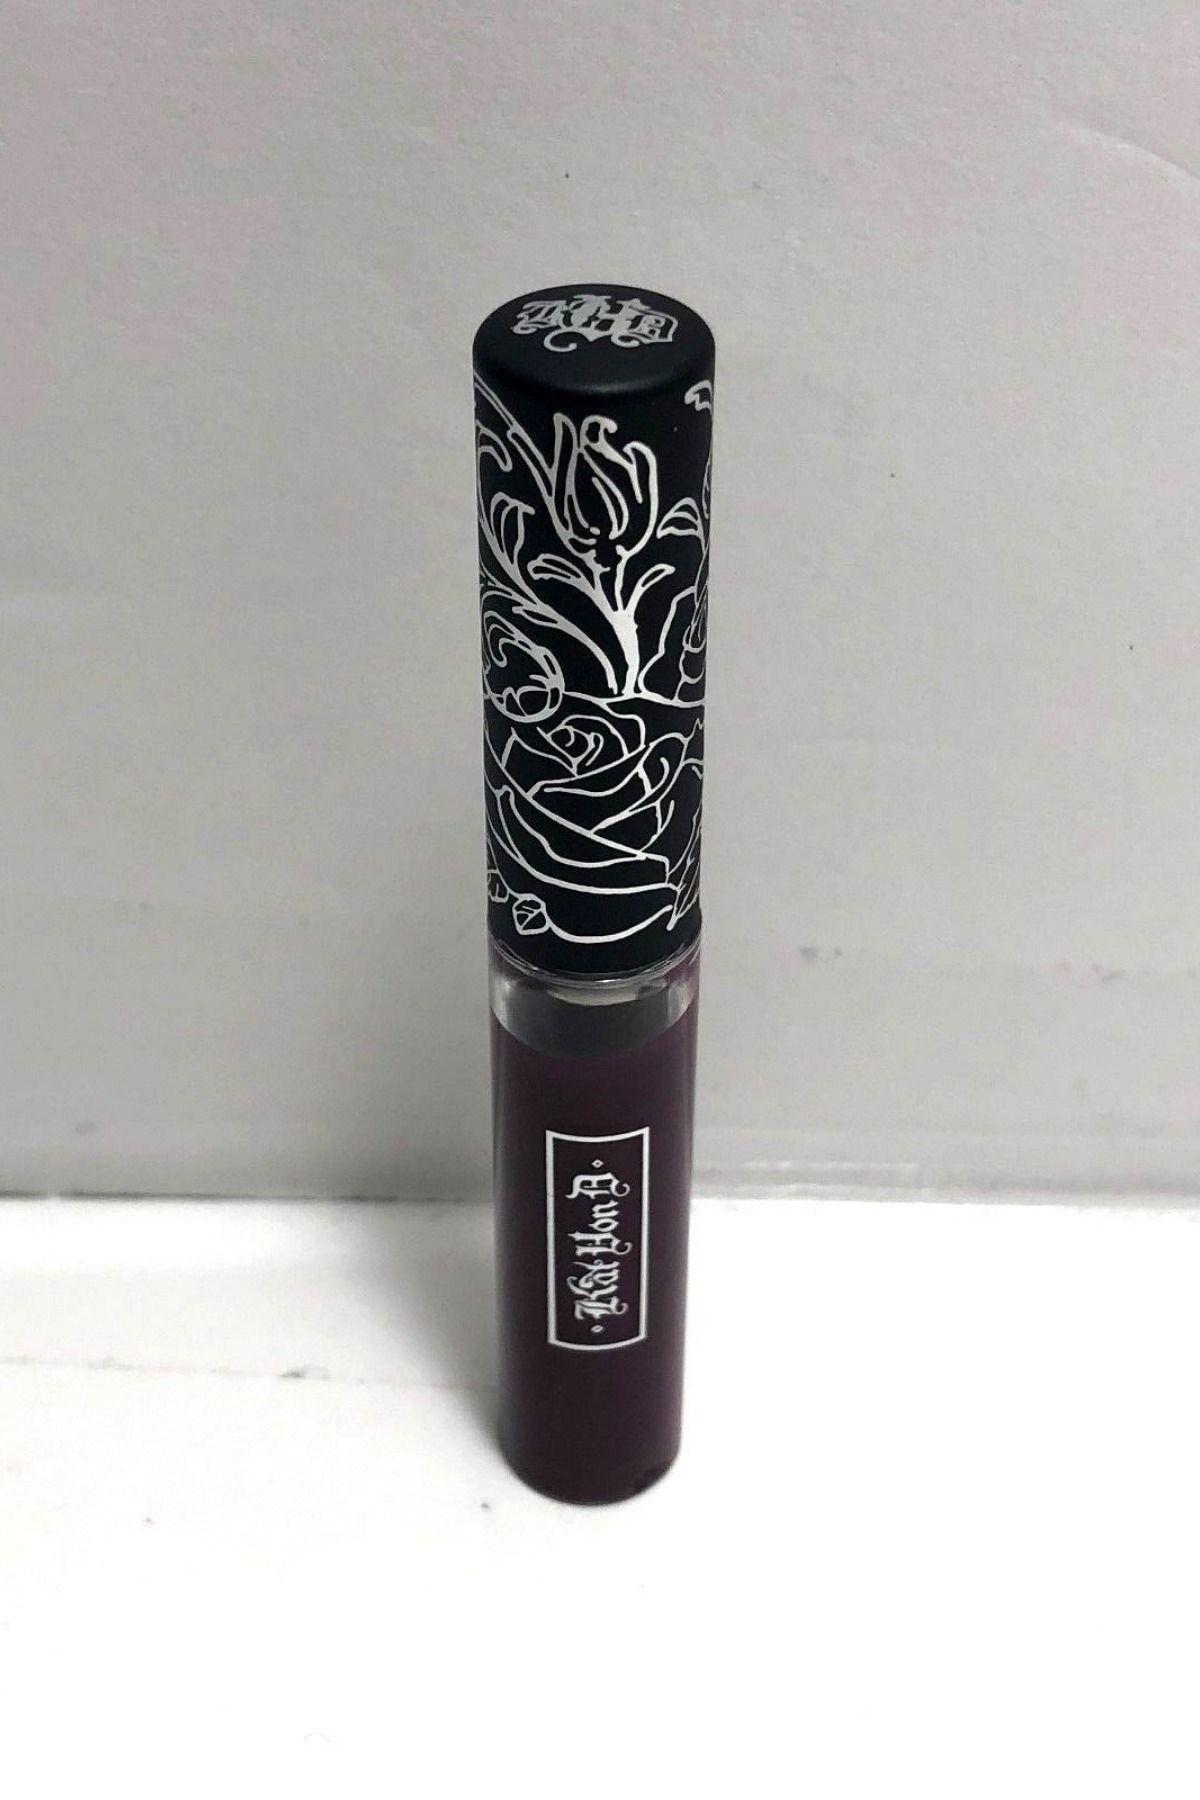 Kat Von D Sinner Everlasting Liquid Lipstick 3ml / .10fl